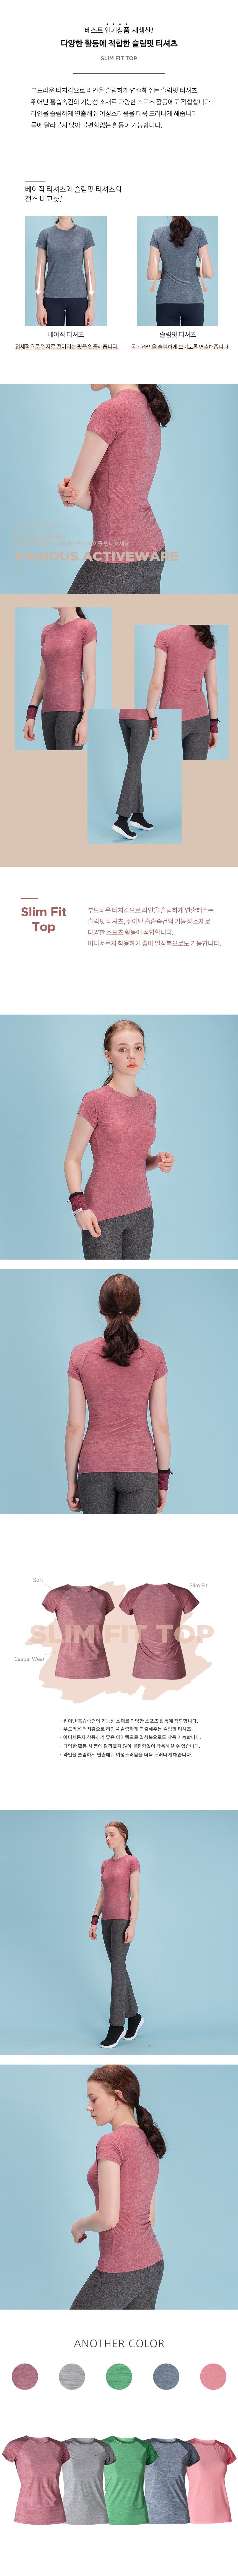 여성 스포츠 슬림핏 티셔츠 DFW5007 버건디